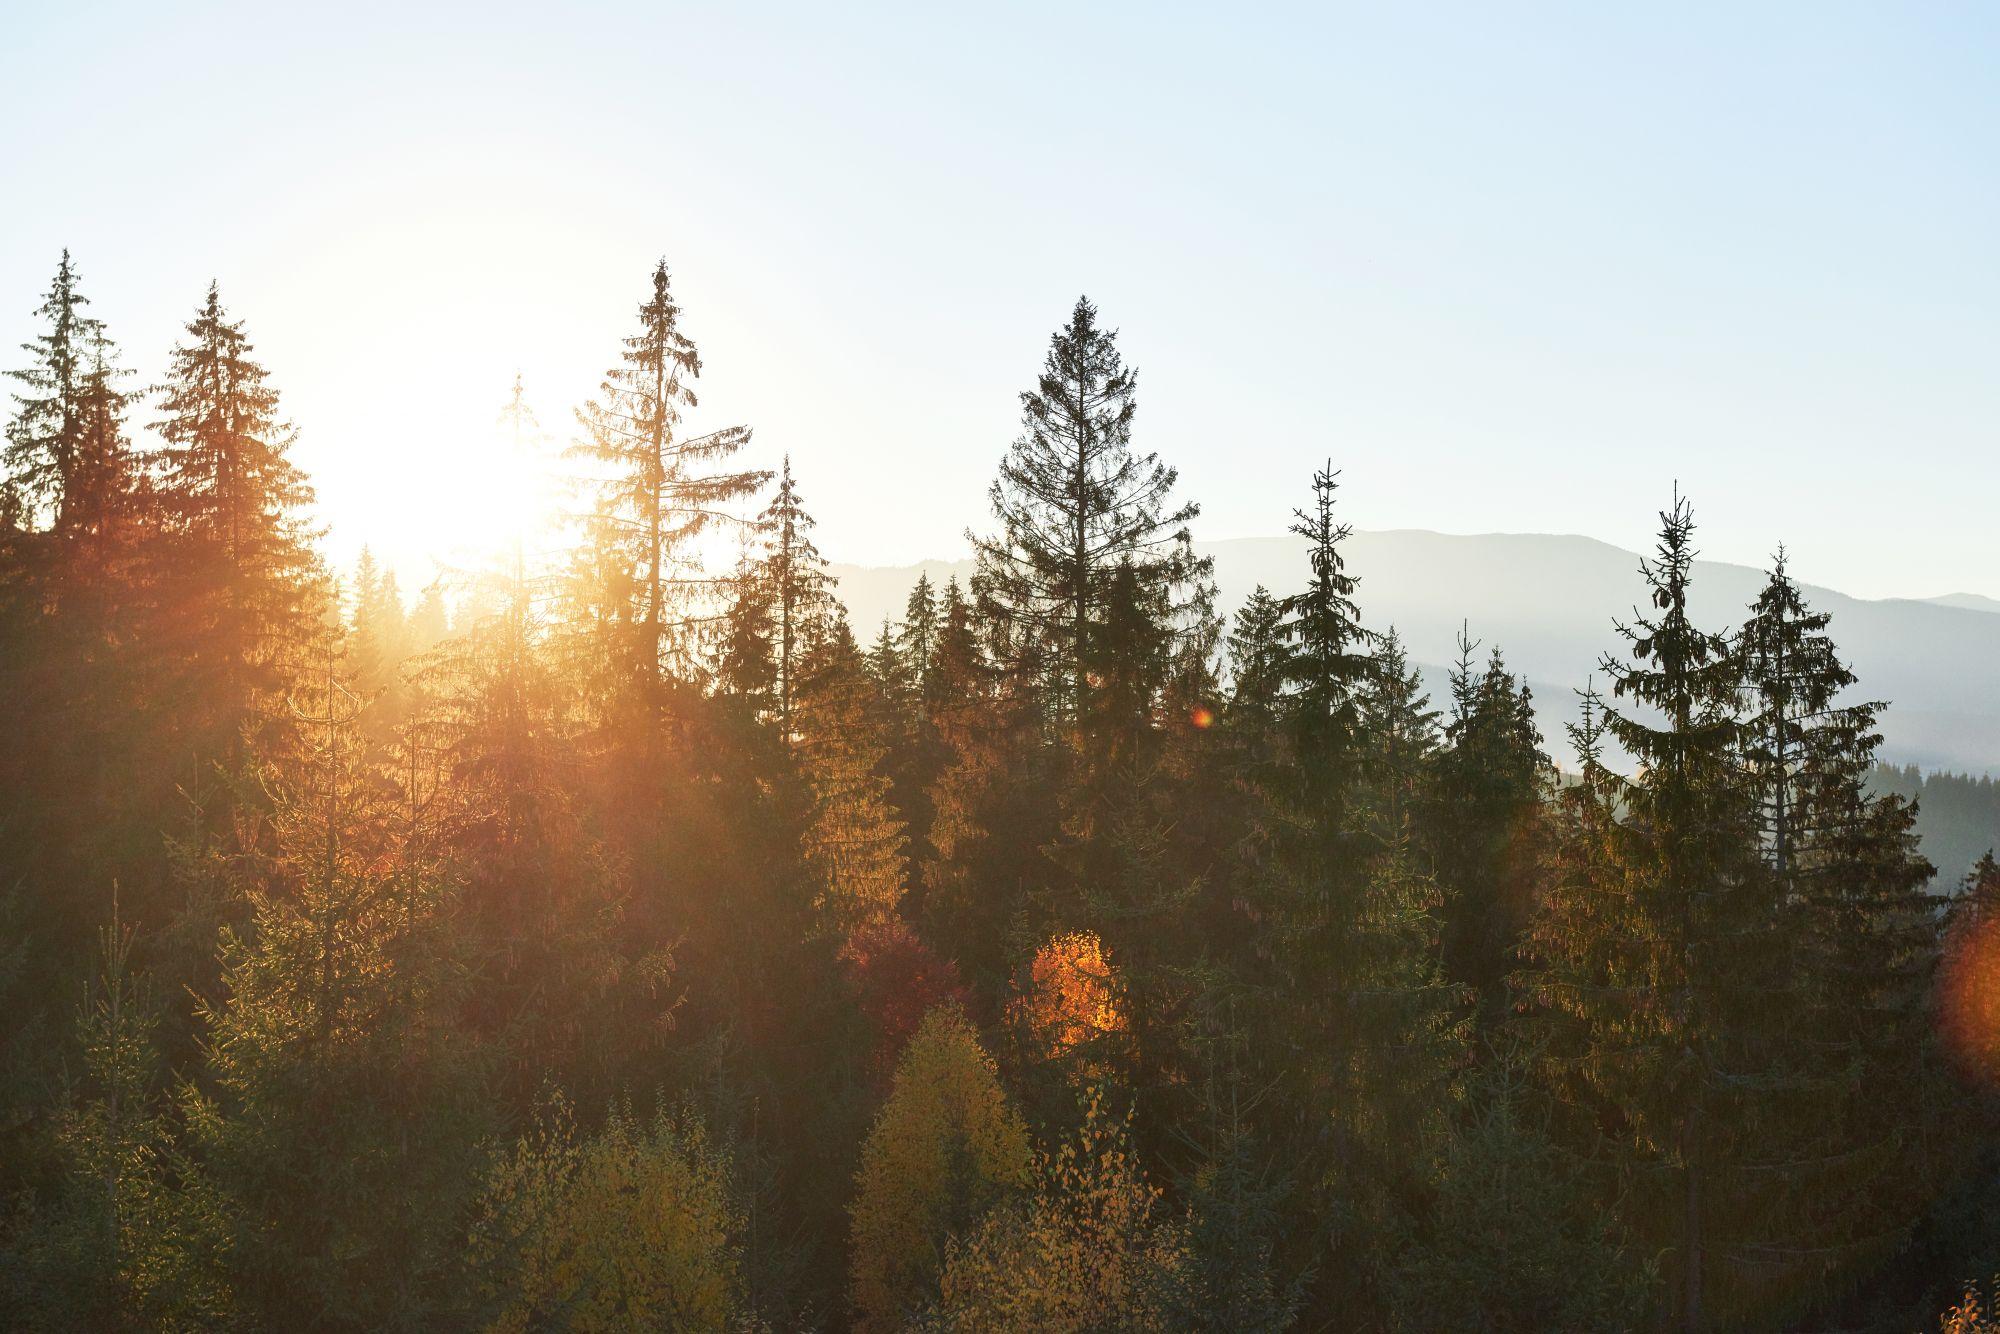 Syksyinen metsämaisema, jossa henki kulkee hyvin